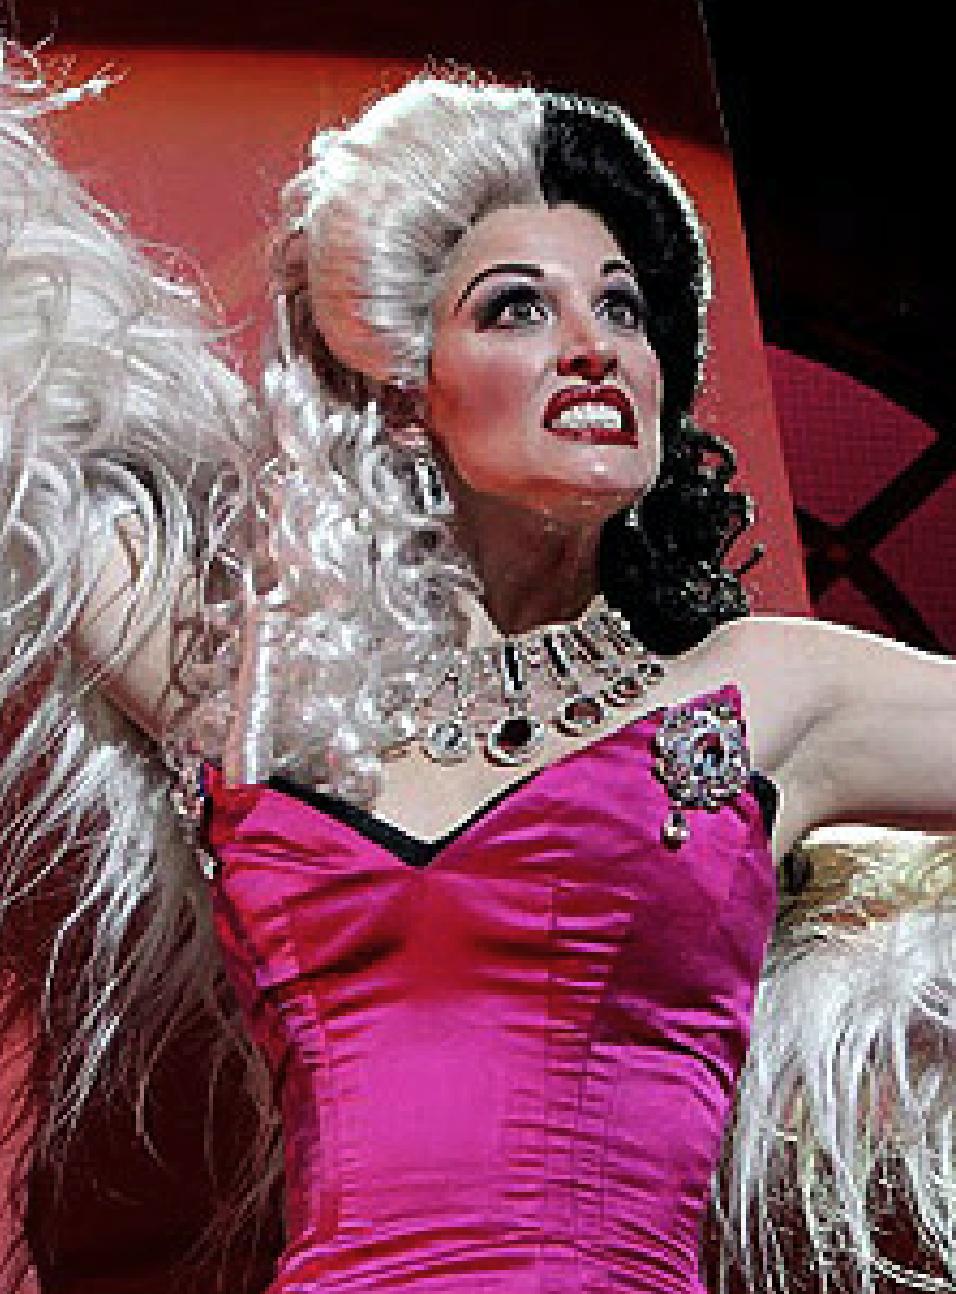 Cruella De Vil (The 101 Dalmatians Musical)